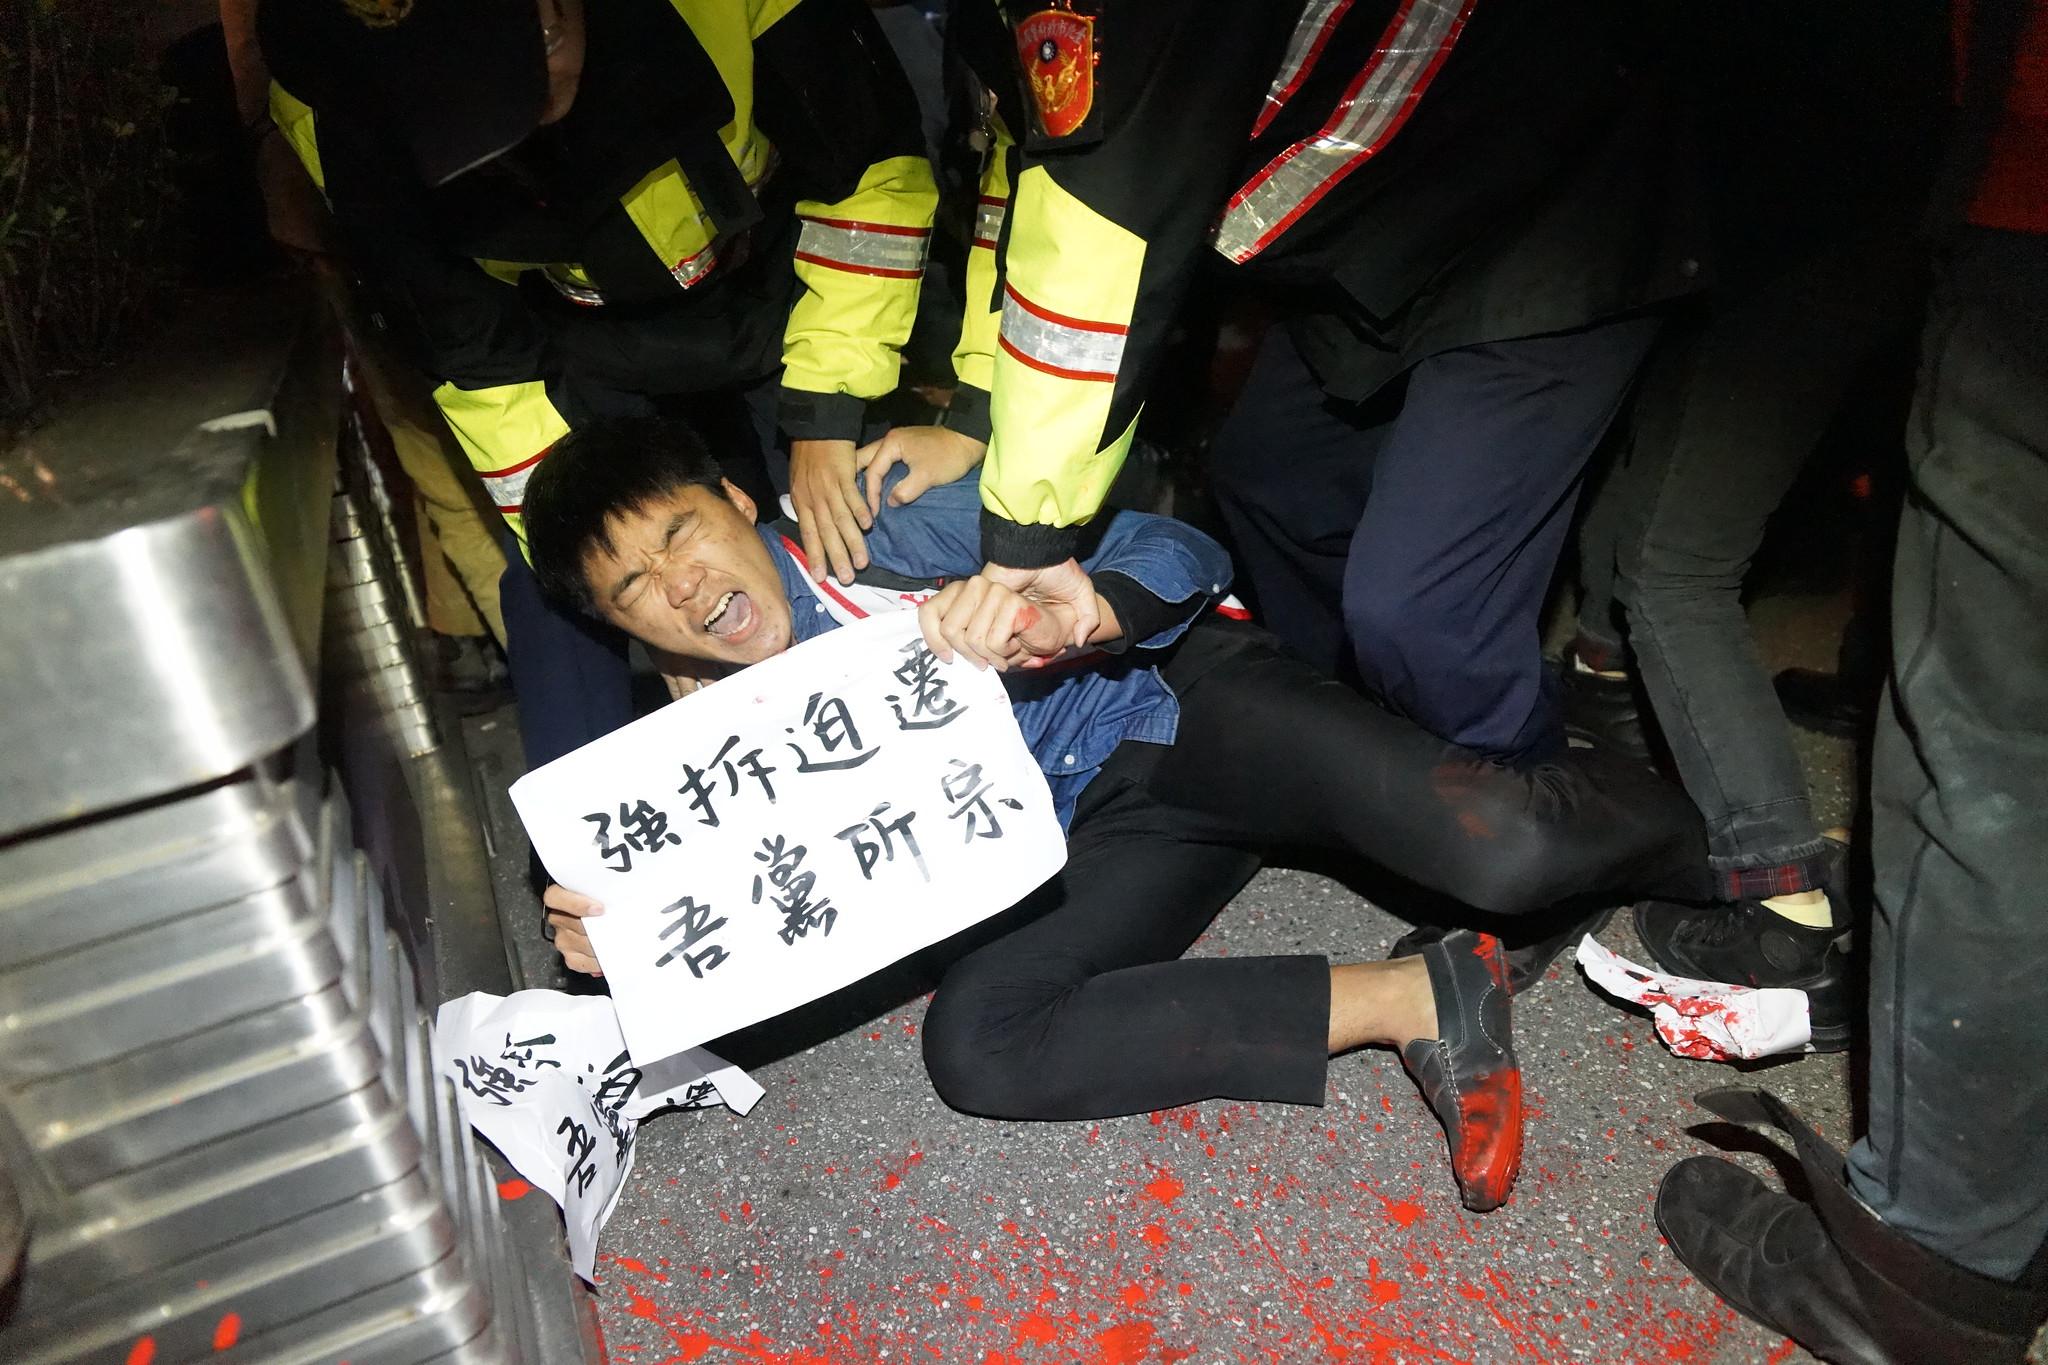 自救會成員府前潑紅漆遭警方壓制。(攝影:王顥中)